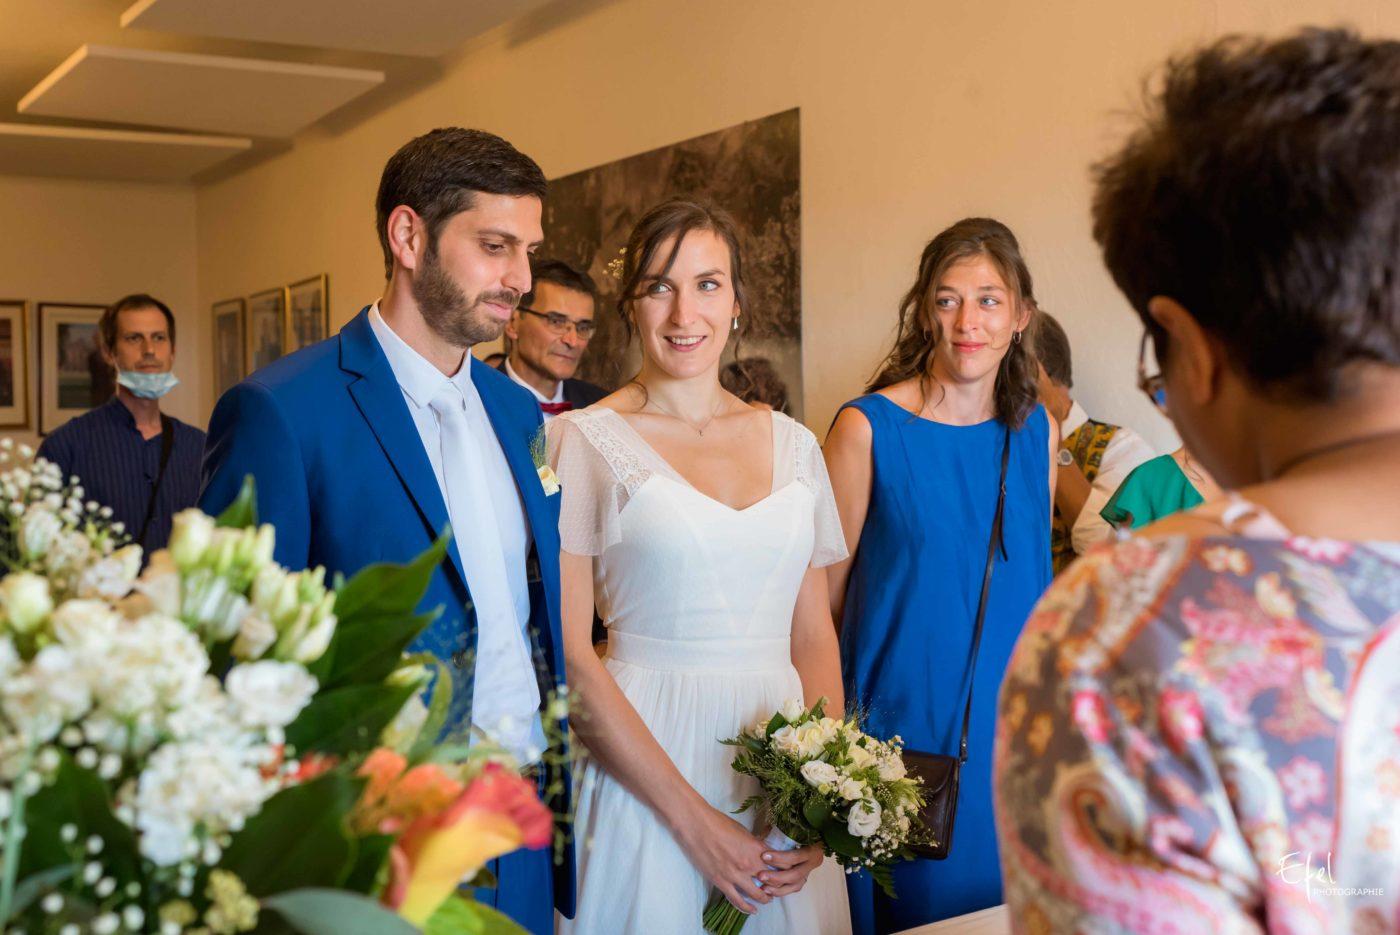 La cérémonie civile de mariage en mairie - photographe mariage gap, hautes alpes, et région Paca